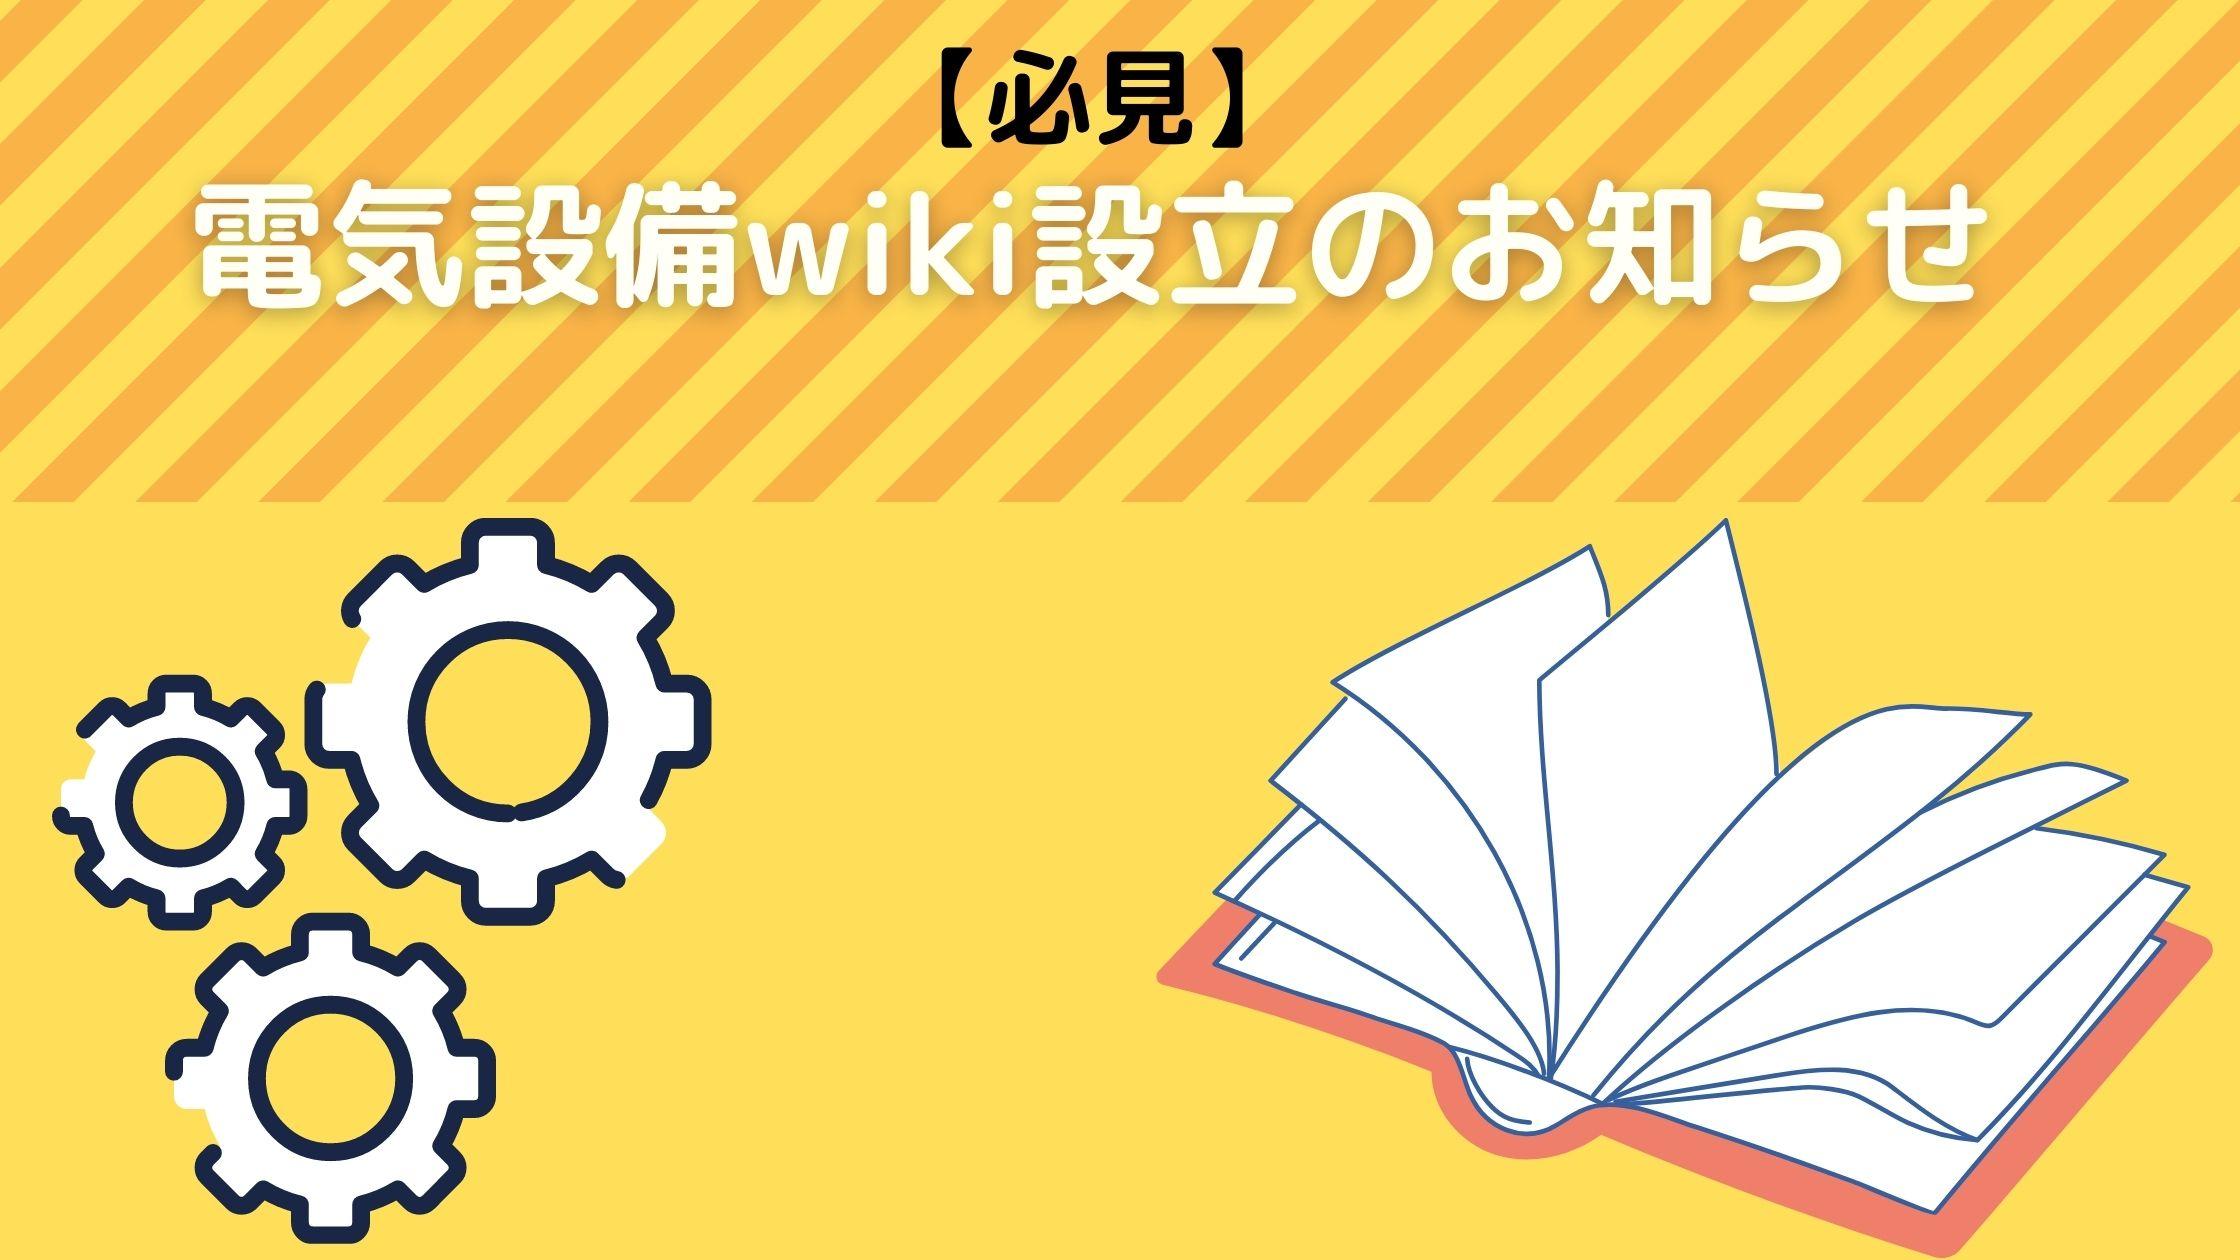 電気設備wiki設立のお知らせ